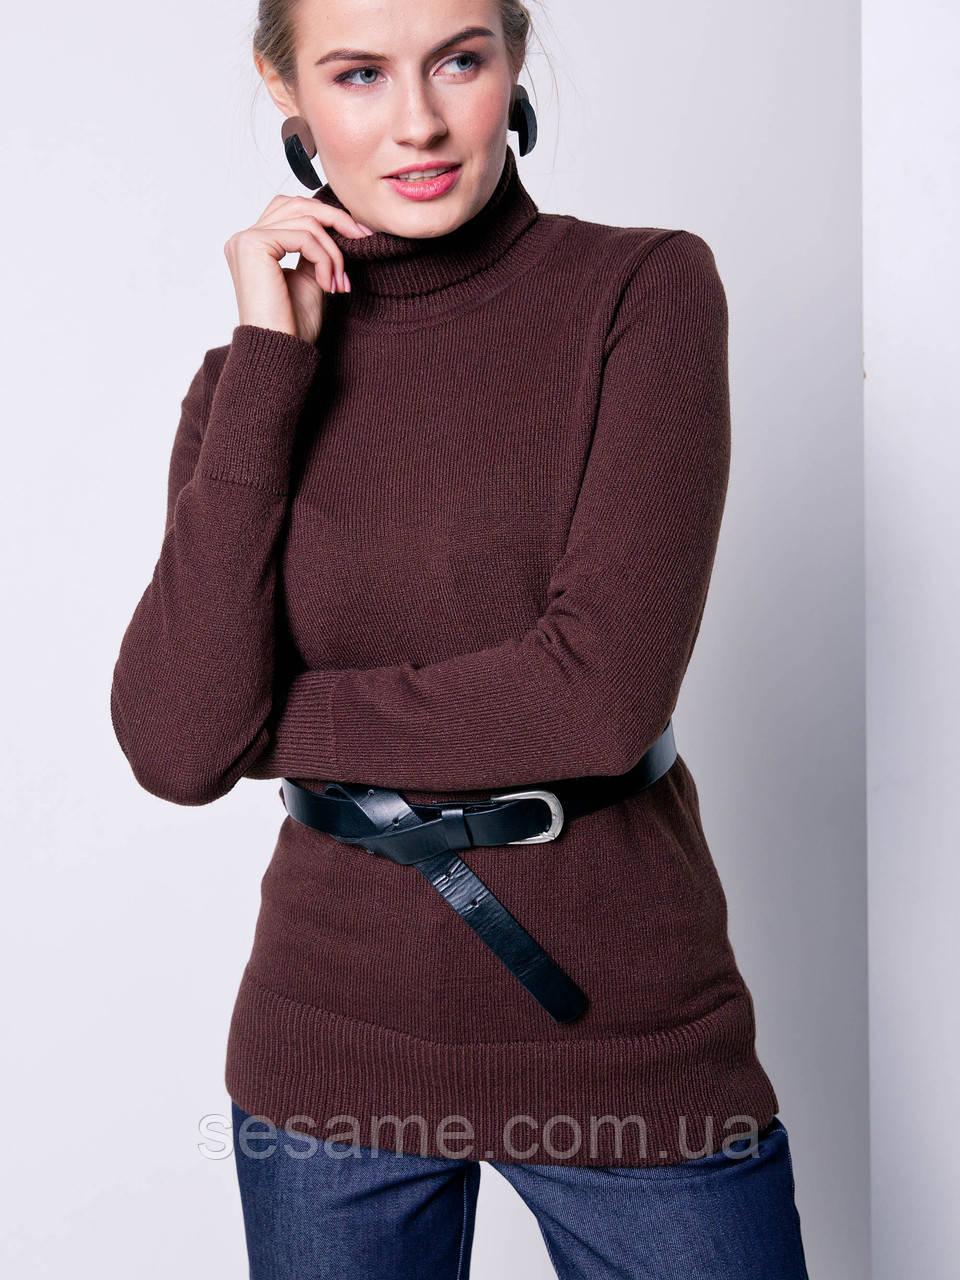 grand ua Нео свитер